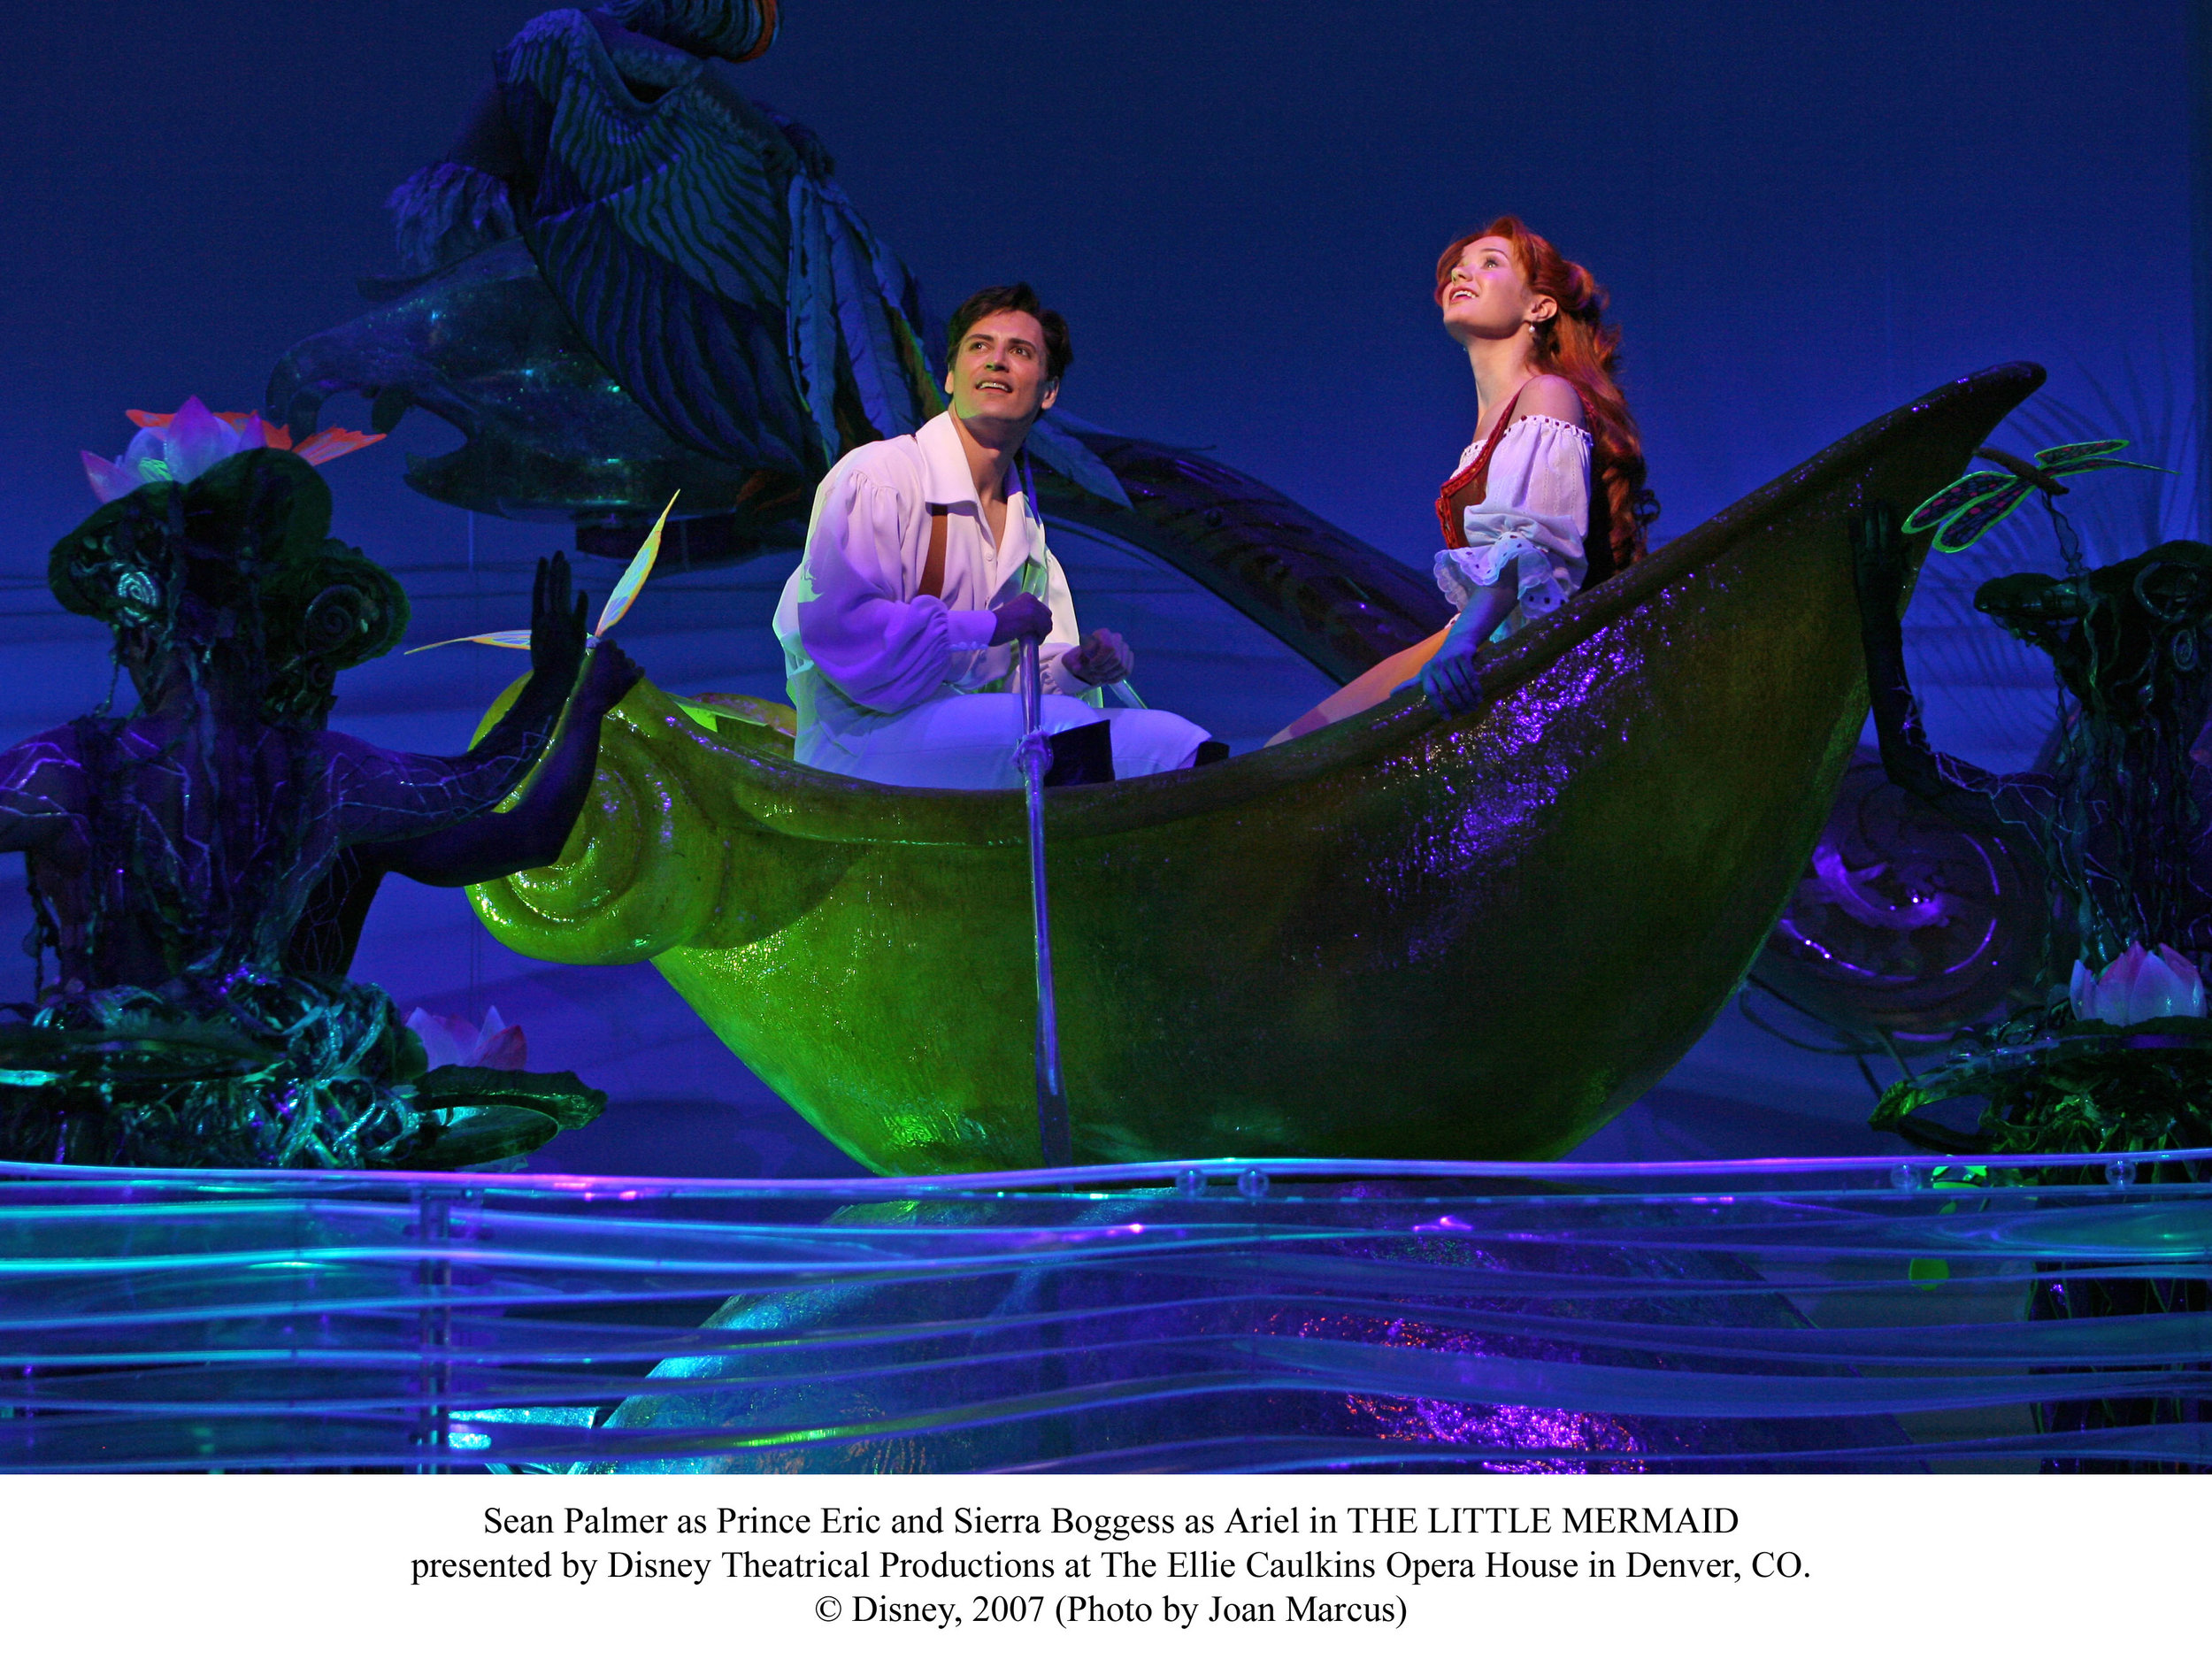 Sierra-Boggess-Little-Mermaid-Broadway-Sean and Sierra 0376-X.jpg